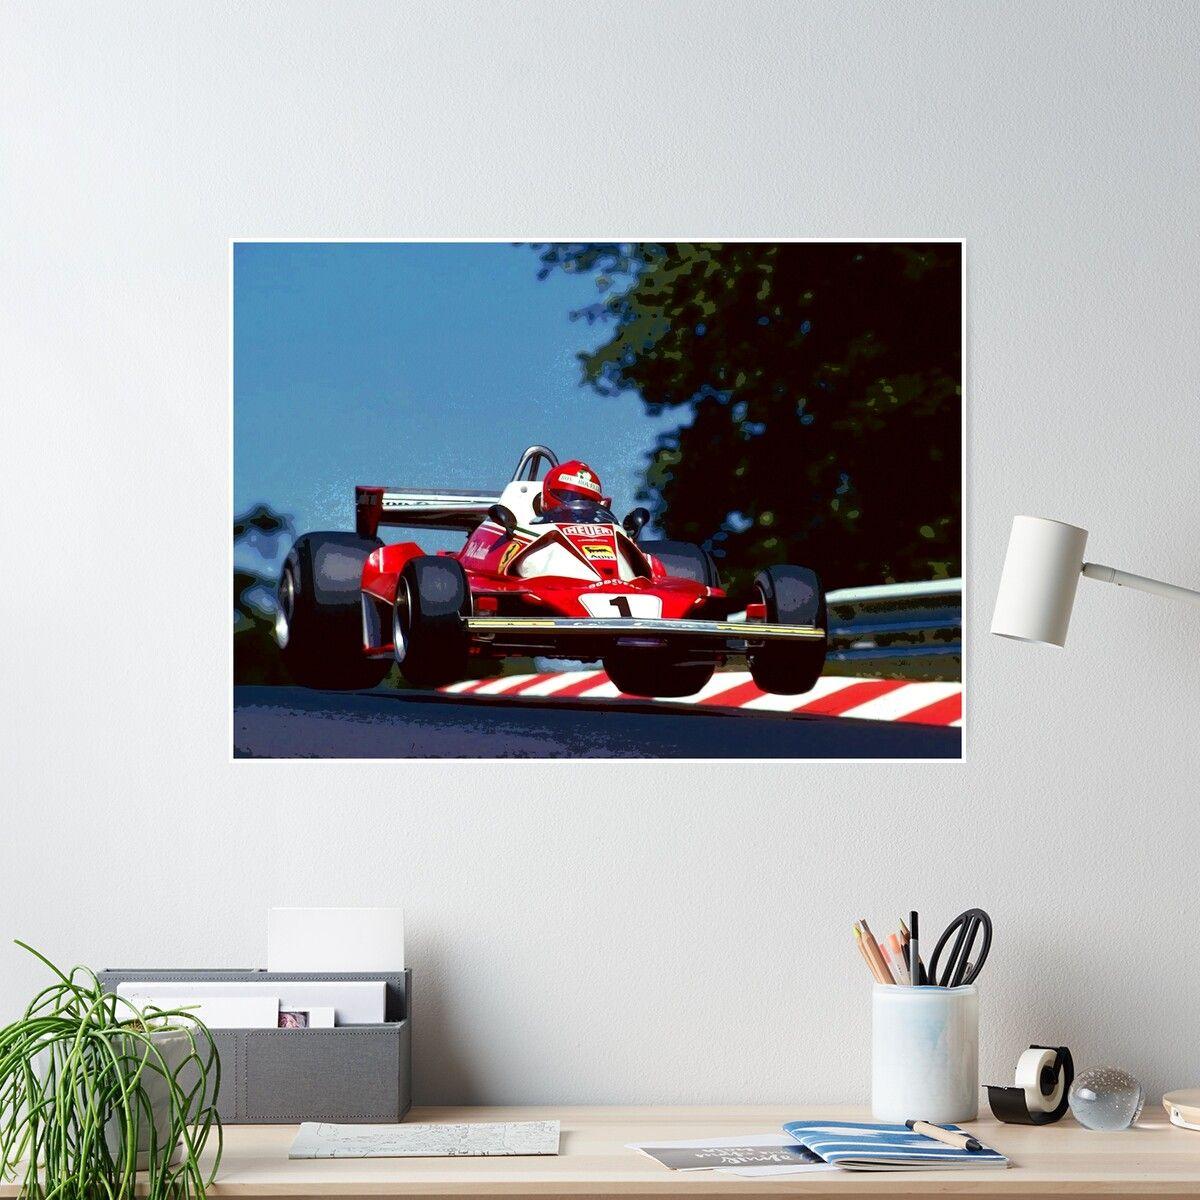 Niki Lauda Jumping In His 1976 Formula 1 Car Poster By Therod In 2021 Formula 1 Car Car Posters Formula 1 [ 1200 x 1200 Pixel ]